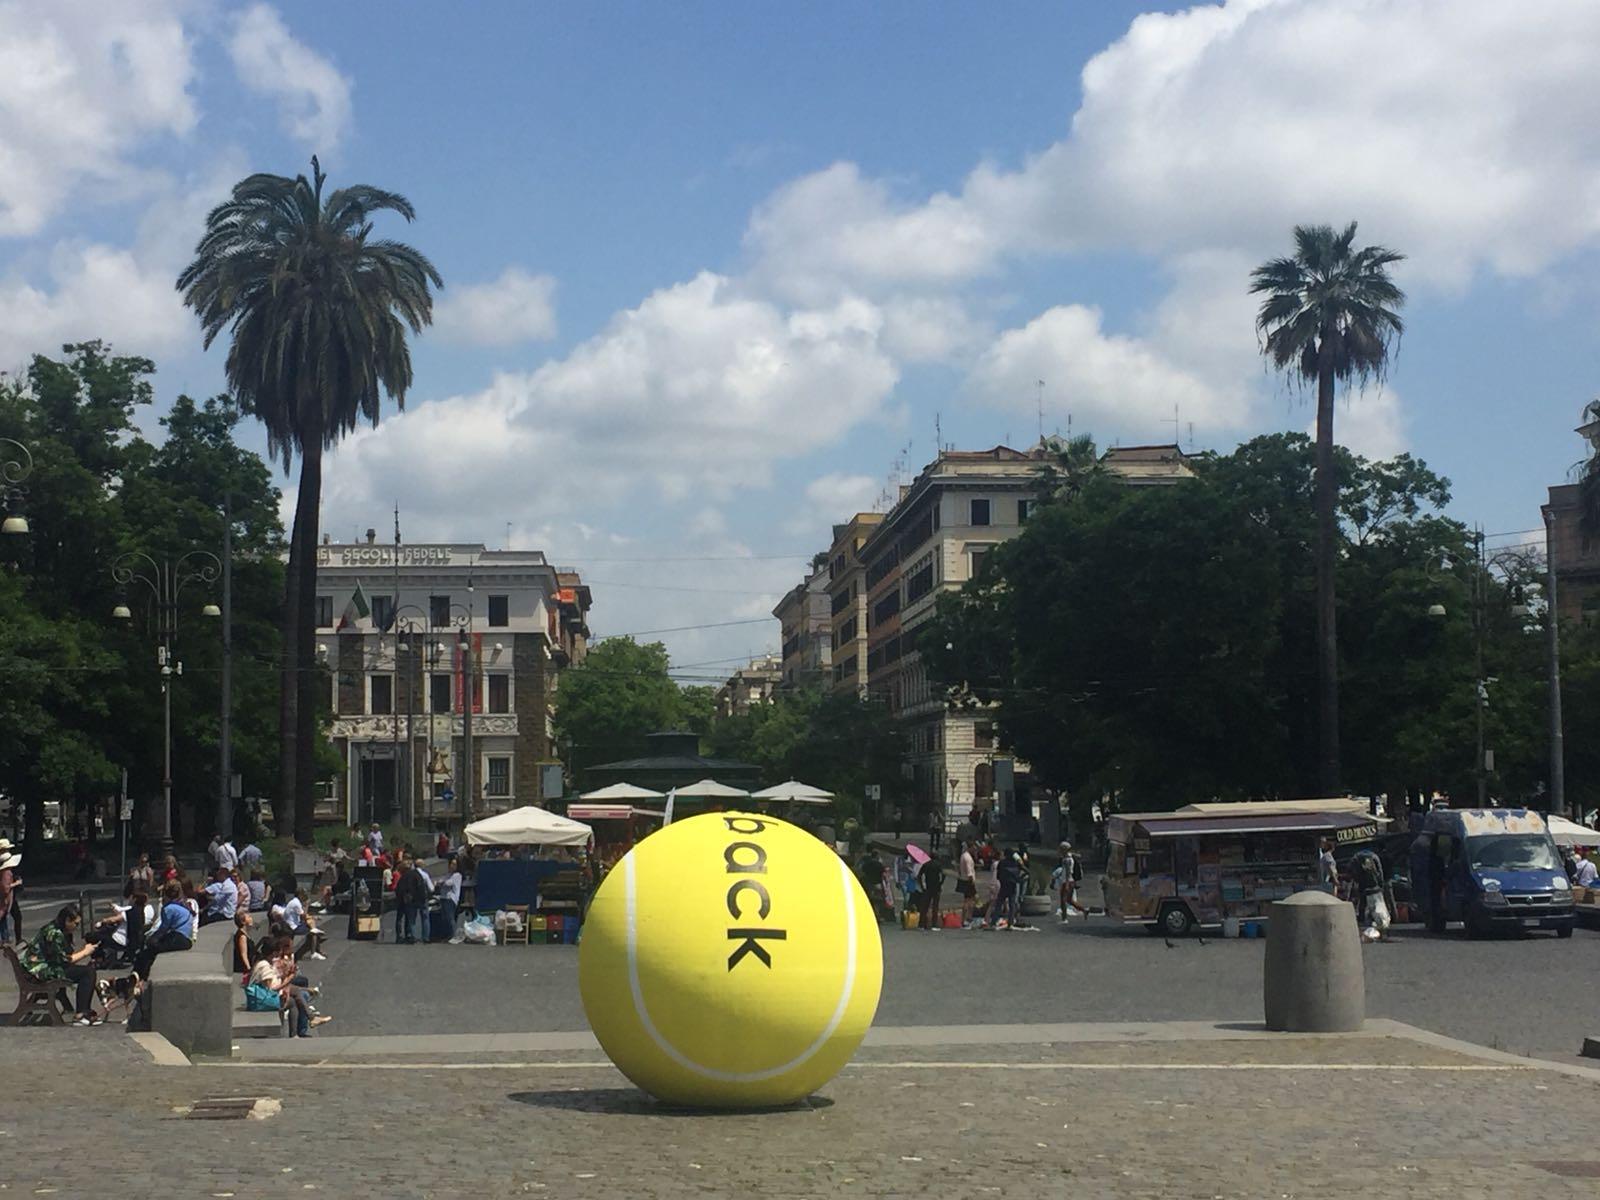 Diadora #weareback_piazza risorimento_1